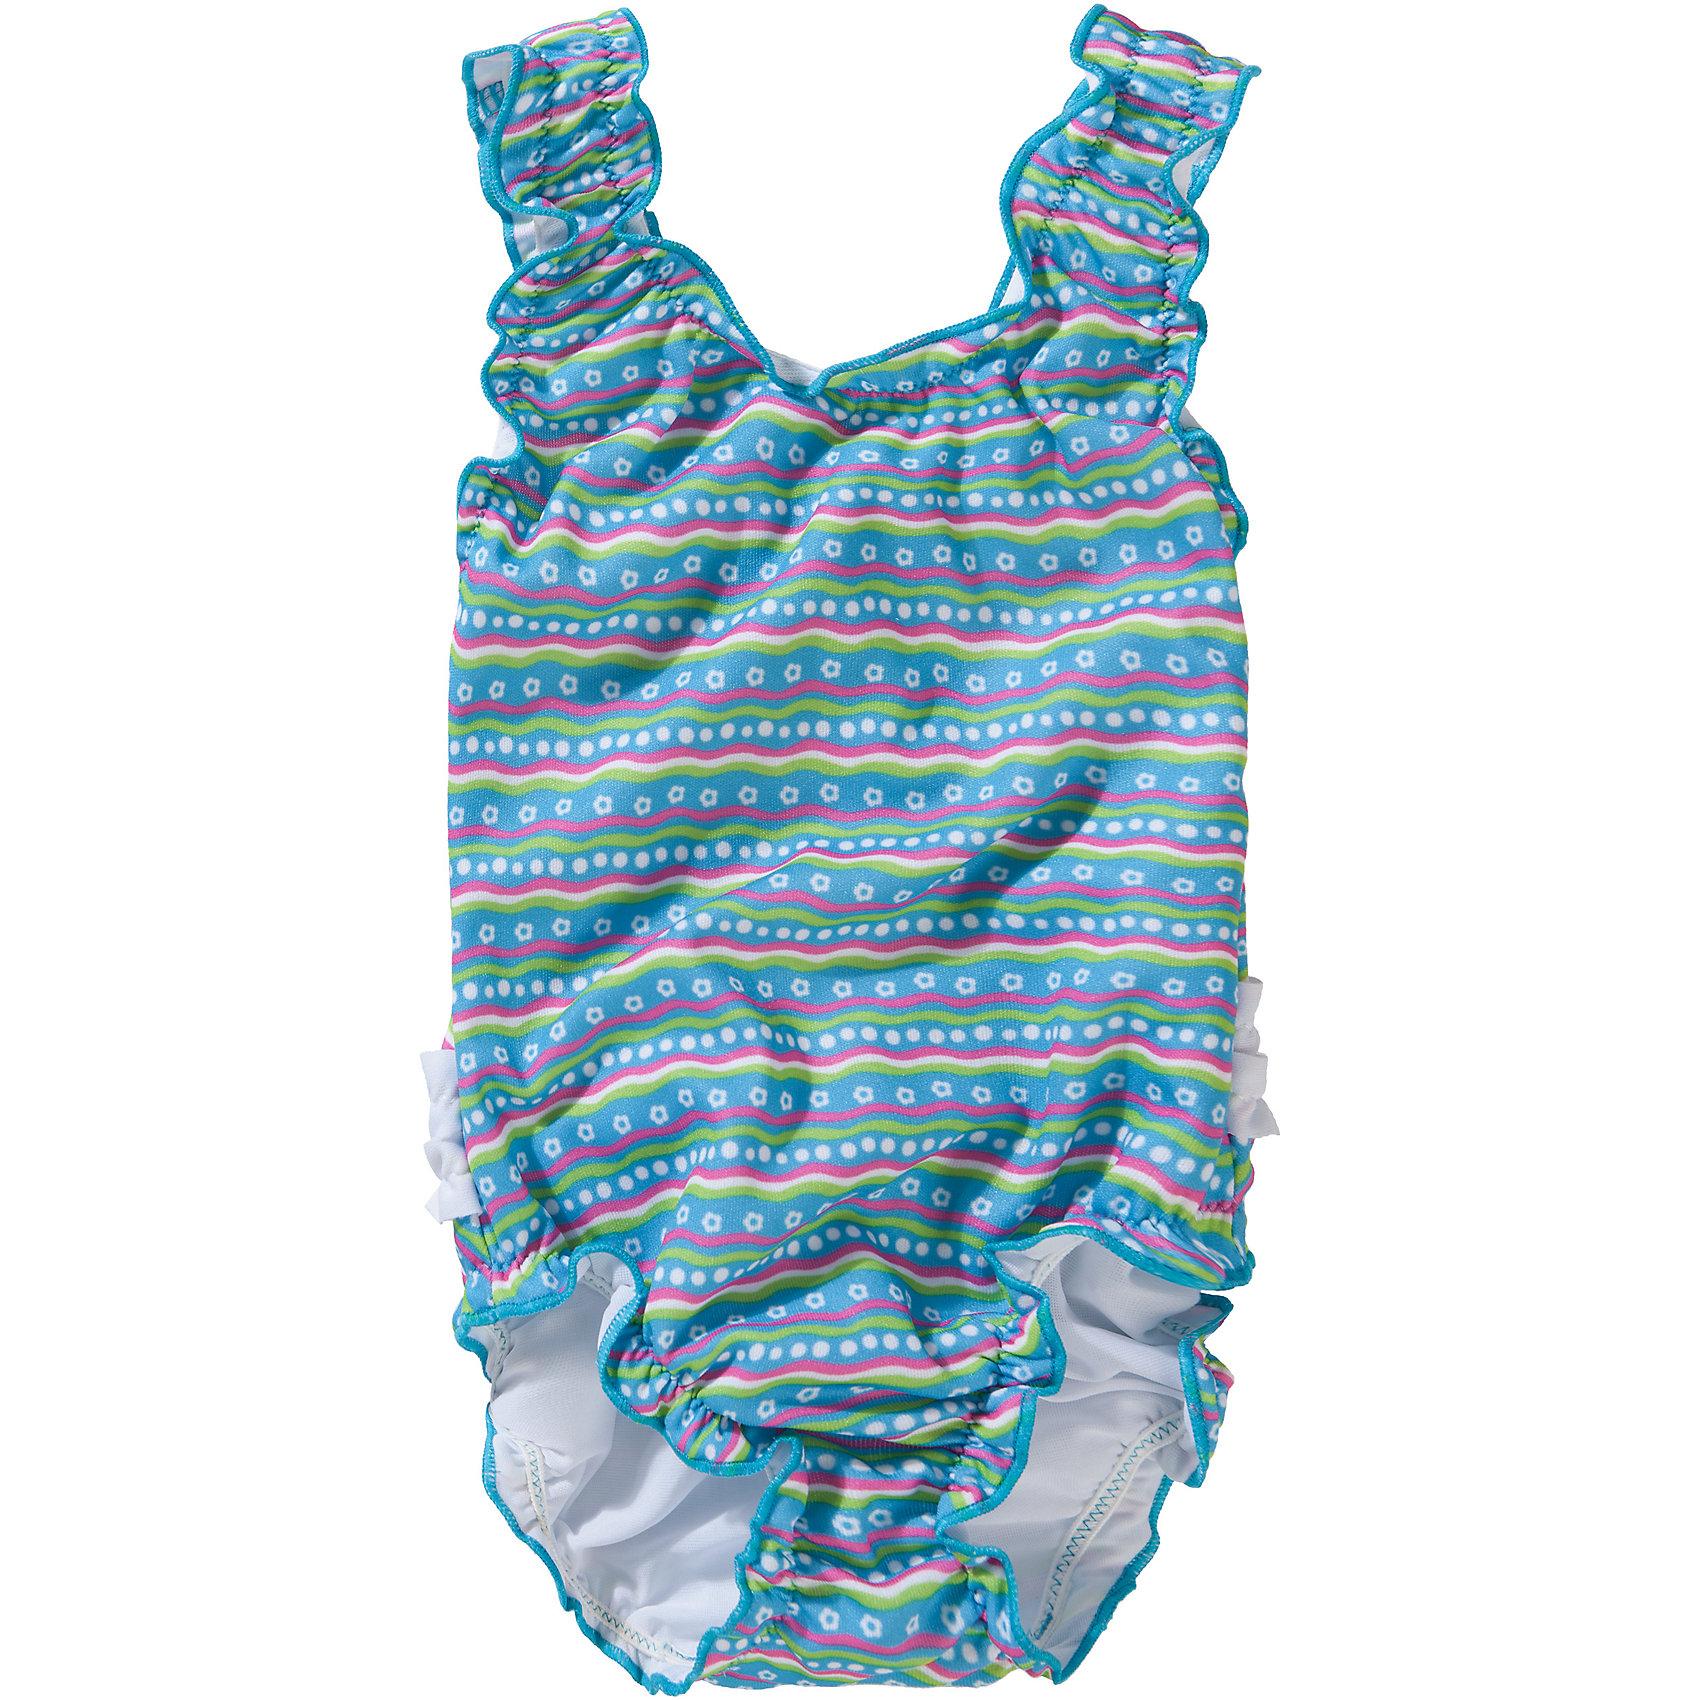 Neu fashy Baby Badeanzug 7643352 für Mädchen türkis